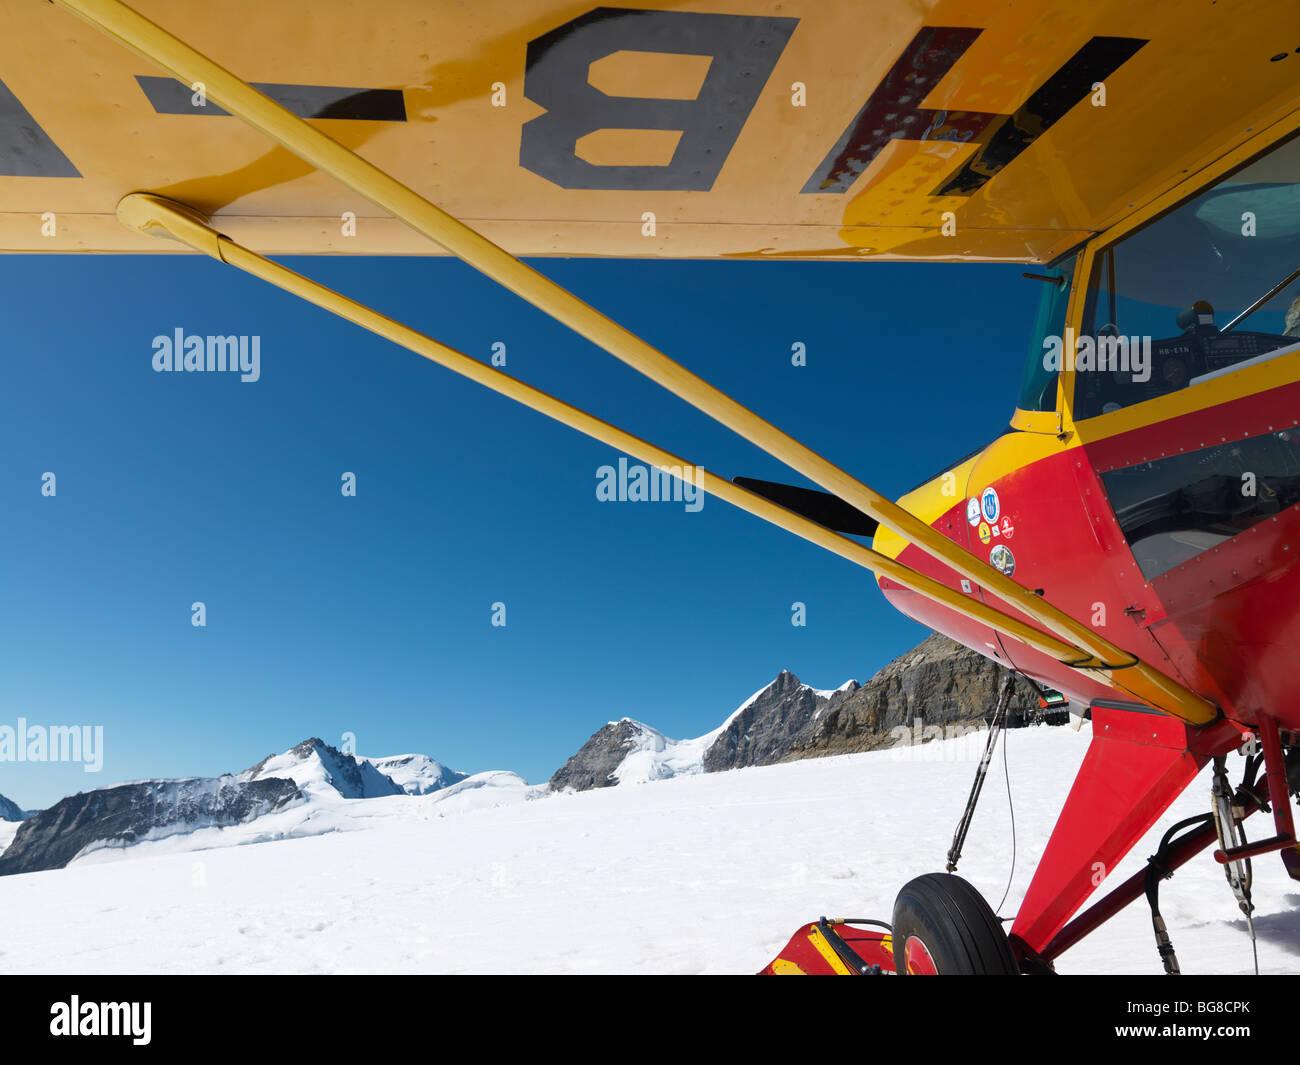 La Svizzera, Jungfraujoch-Top dell'Europa,aereo sul ghiacciaio con le montagne sullo sfondo. Il grande ghiacciaio di Aletsch Foto Stock